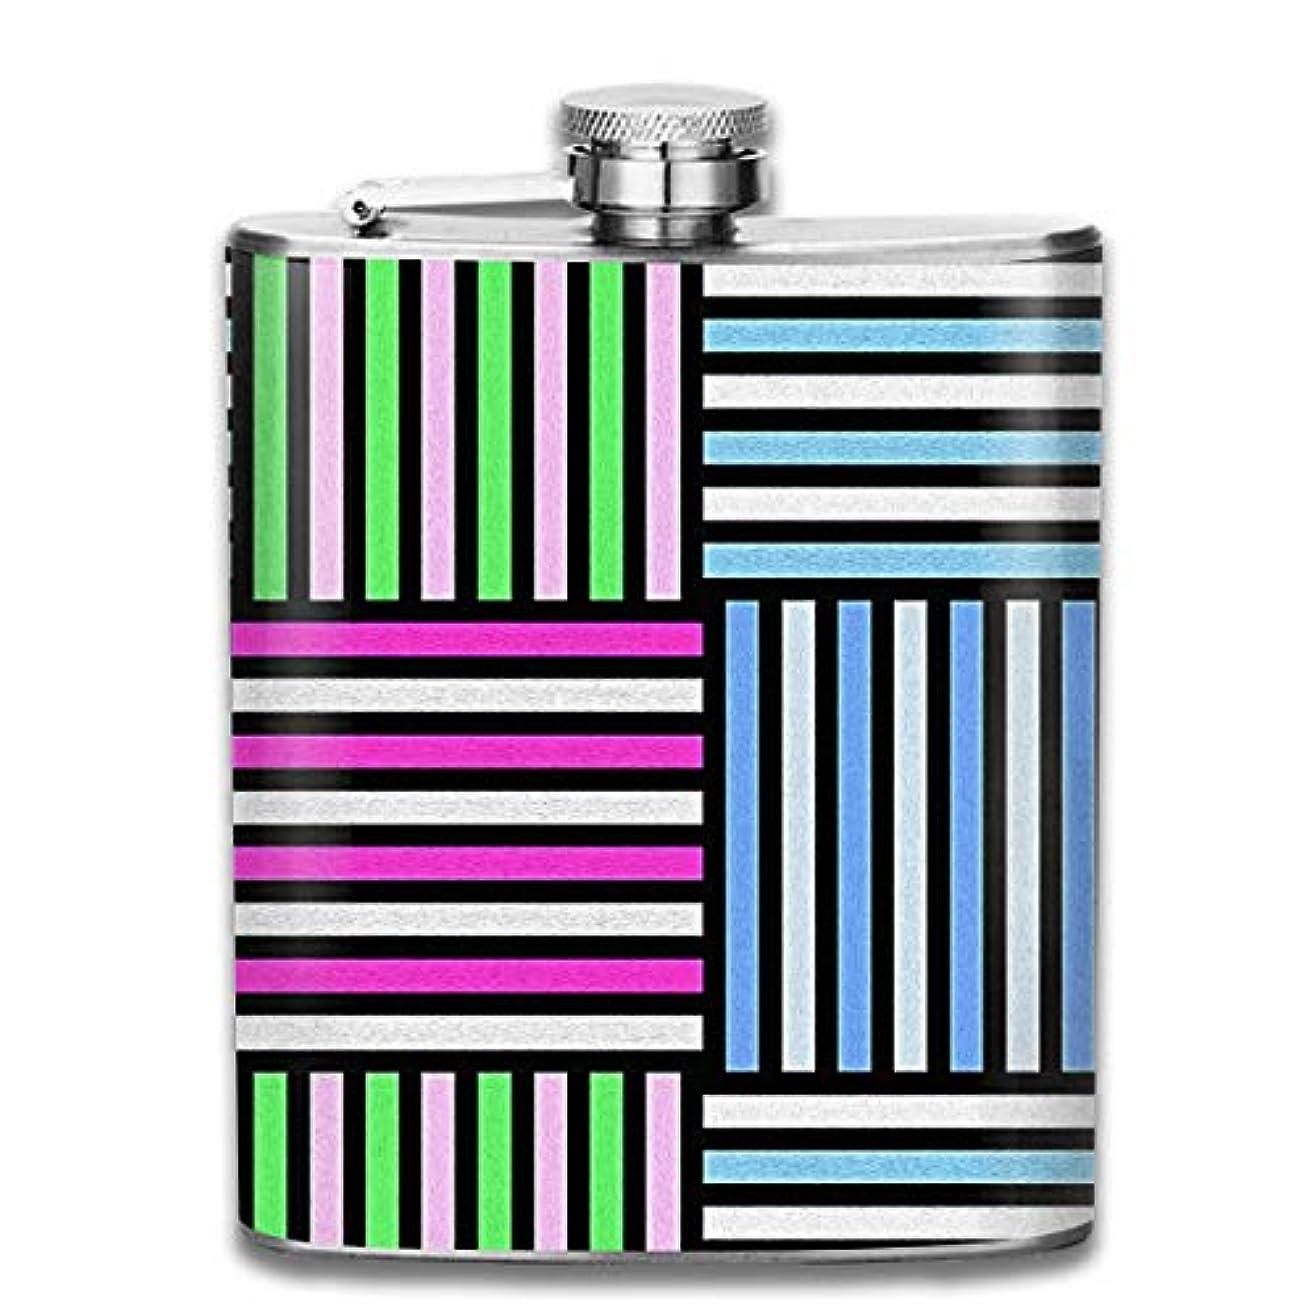 印象的カリング嘆願カラフルなストライプ フラスコ スキットル ヒップフラスコ 7オンス 206ml 高品質ステンレス製 ウイスキー アルコール 清酒 携帯 ボトル